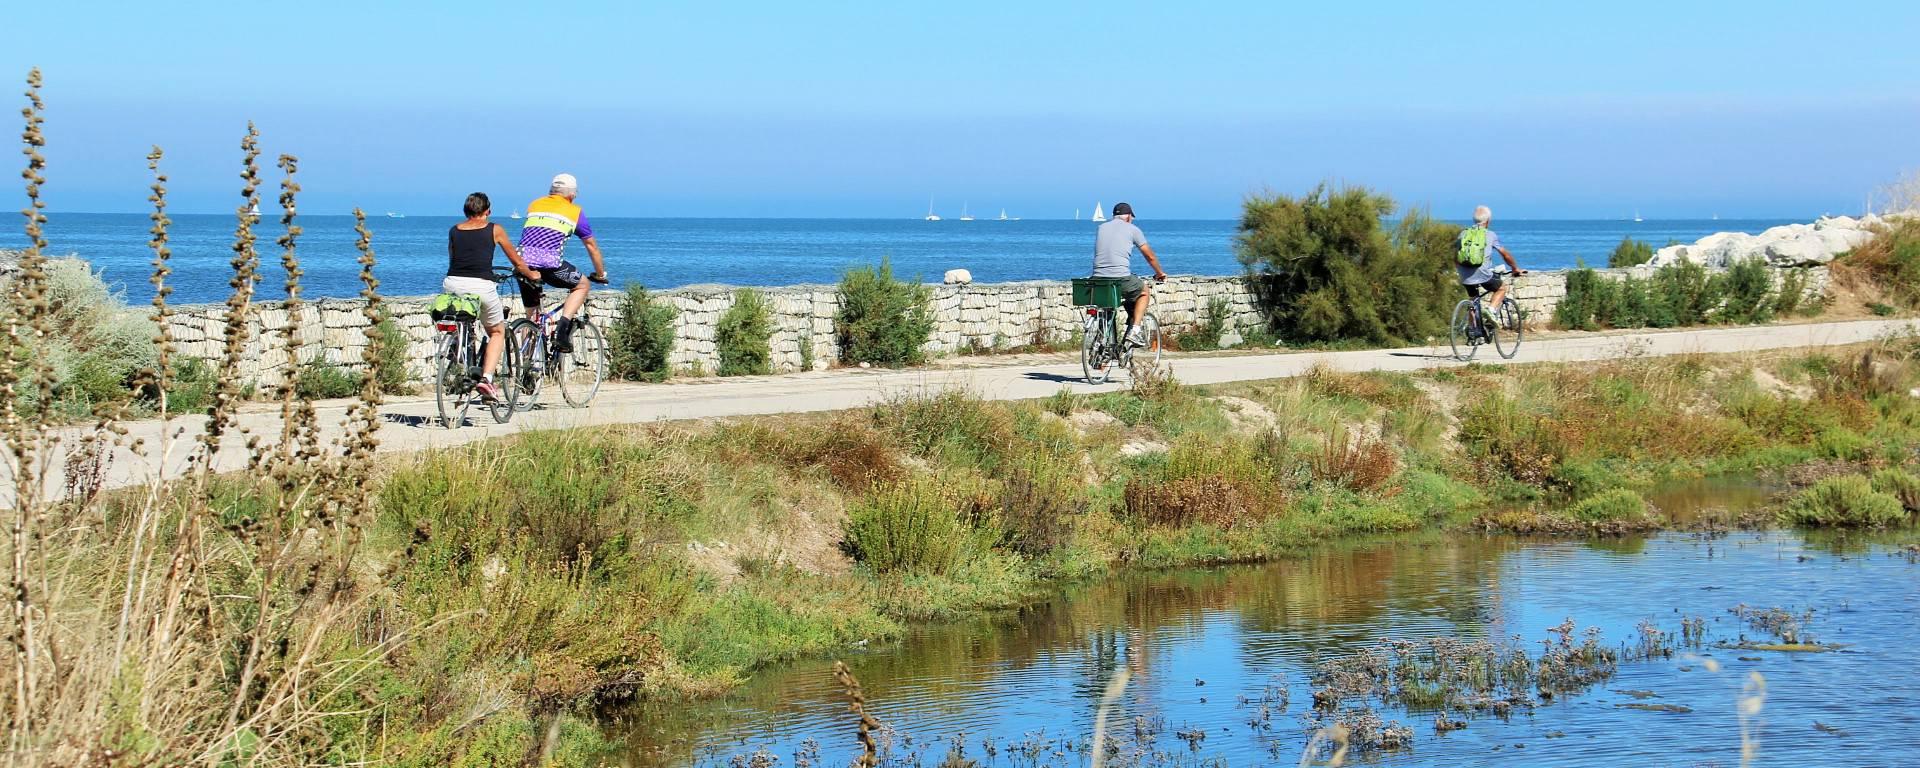 Les pistes cyclables à l'Île de Ré par Lesley Williamson